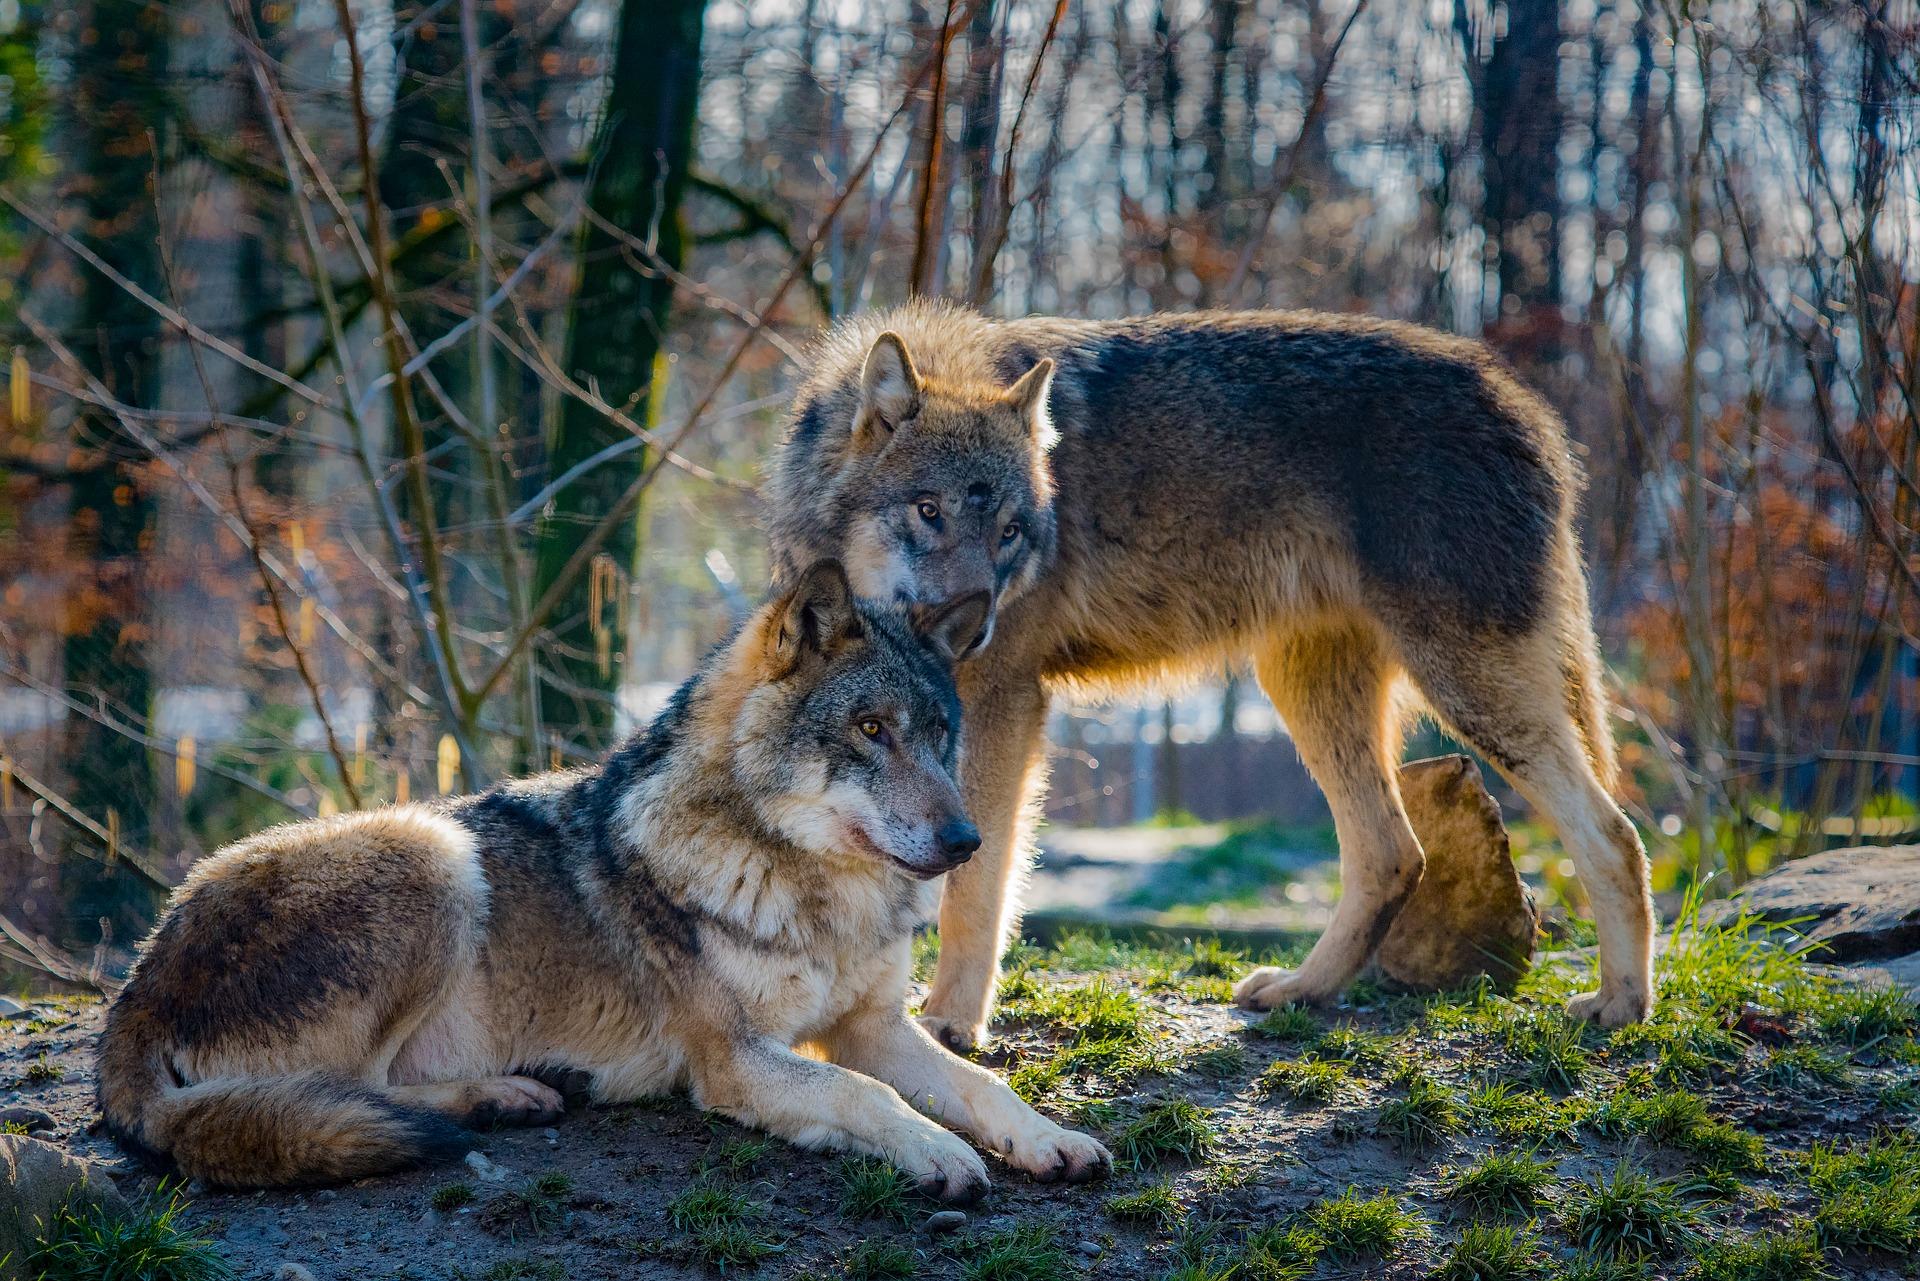 wolves-2178126_1920.jpg